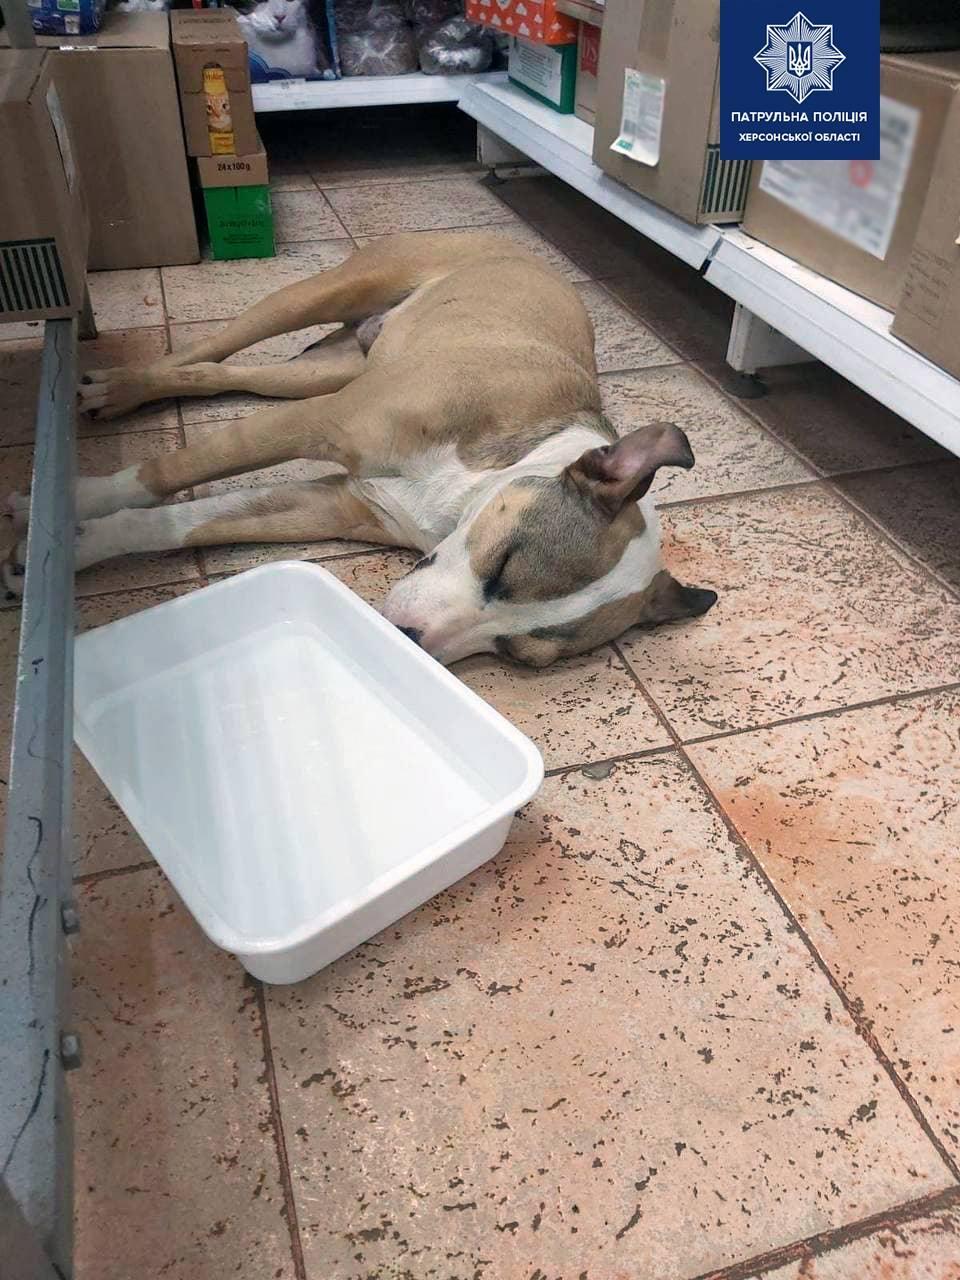 Собака потеряла сознание из-за побоев / фото патрульная полиция